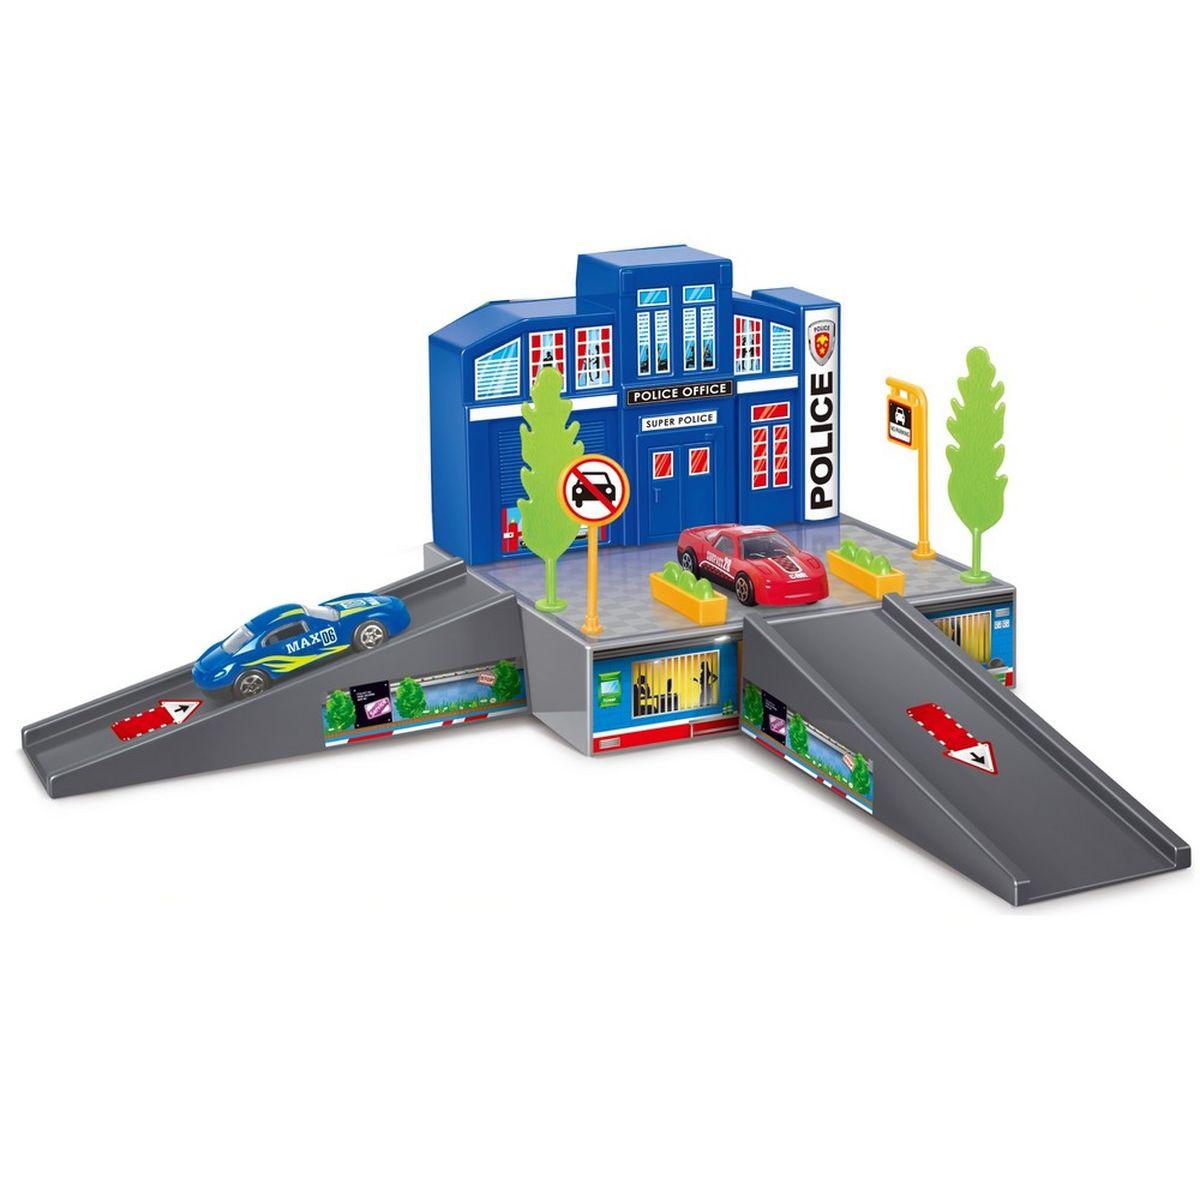 Dave Toy Игровой набор Полицейский участок32017Игровой набор Dave Toy Полицейский участок - это будет отличное приобретение для вашего малыша. Все детали игрового набора выполнены из качественного безопасного для детей материала. На небольшой платформе располагается полицейский участок синего цвета с окошками, в которых горит свет. Рядом располагаются зеленые деревья, клумбы с цветами и дорожные знаки. В нижней части прорисована дежурная часть, в которой видны силуэты людей. Подъем и спуск с платформы выполнен в виде мостика серого цвета, направление движения отмечено стрелочками. В комплекте с полицейским участком идет 1 металлическая машинка зеленого цвета и лист с наклейками для украшения станции. Сам участок выполнен в приятных красных. Играя в этот игровой набор, ваш ребенок сможет весело проводить свое время как один, так и в компании сверстников.